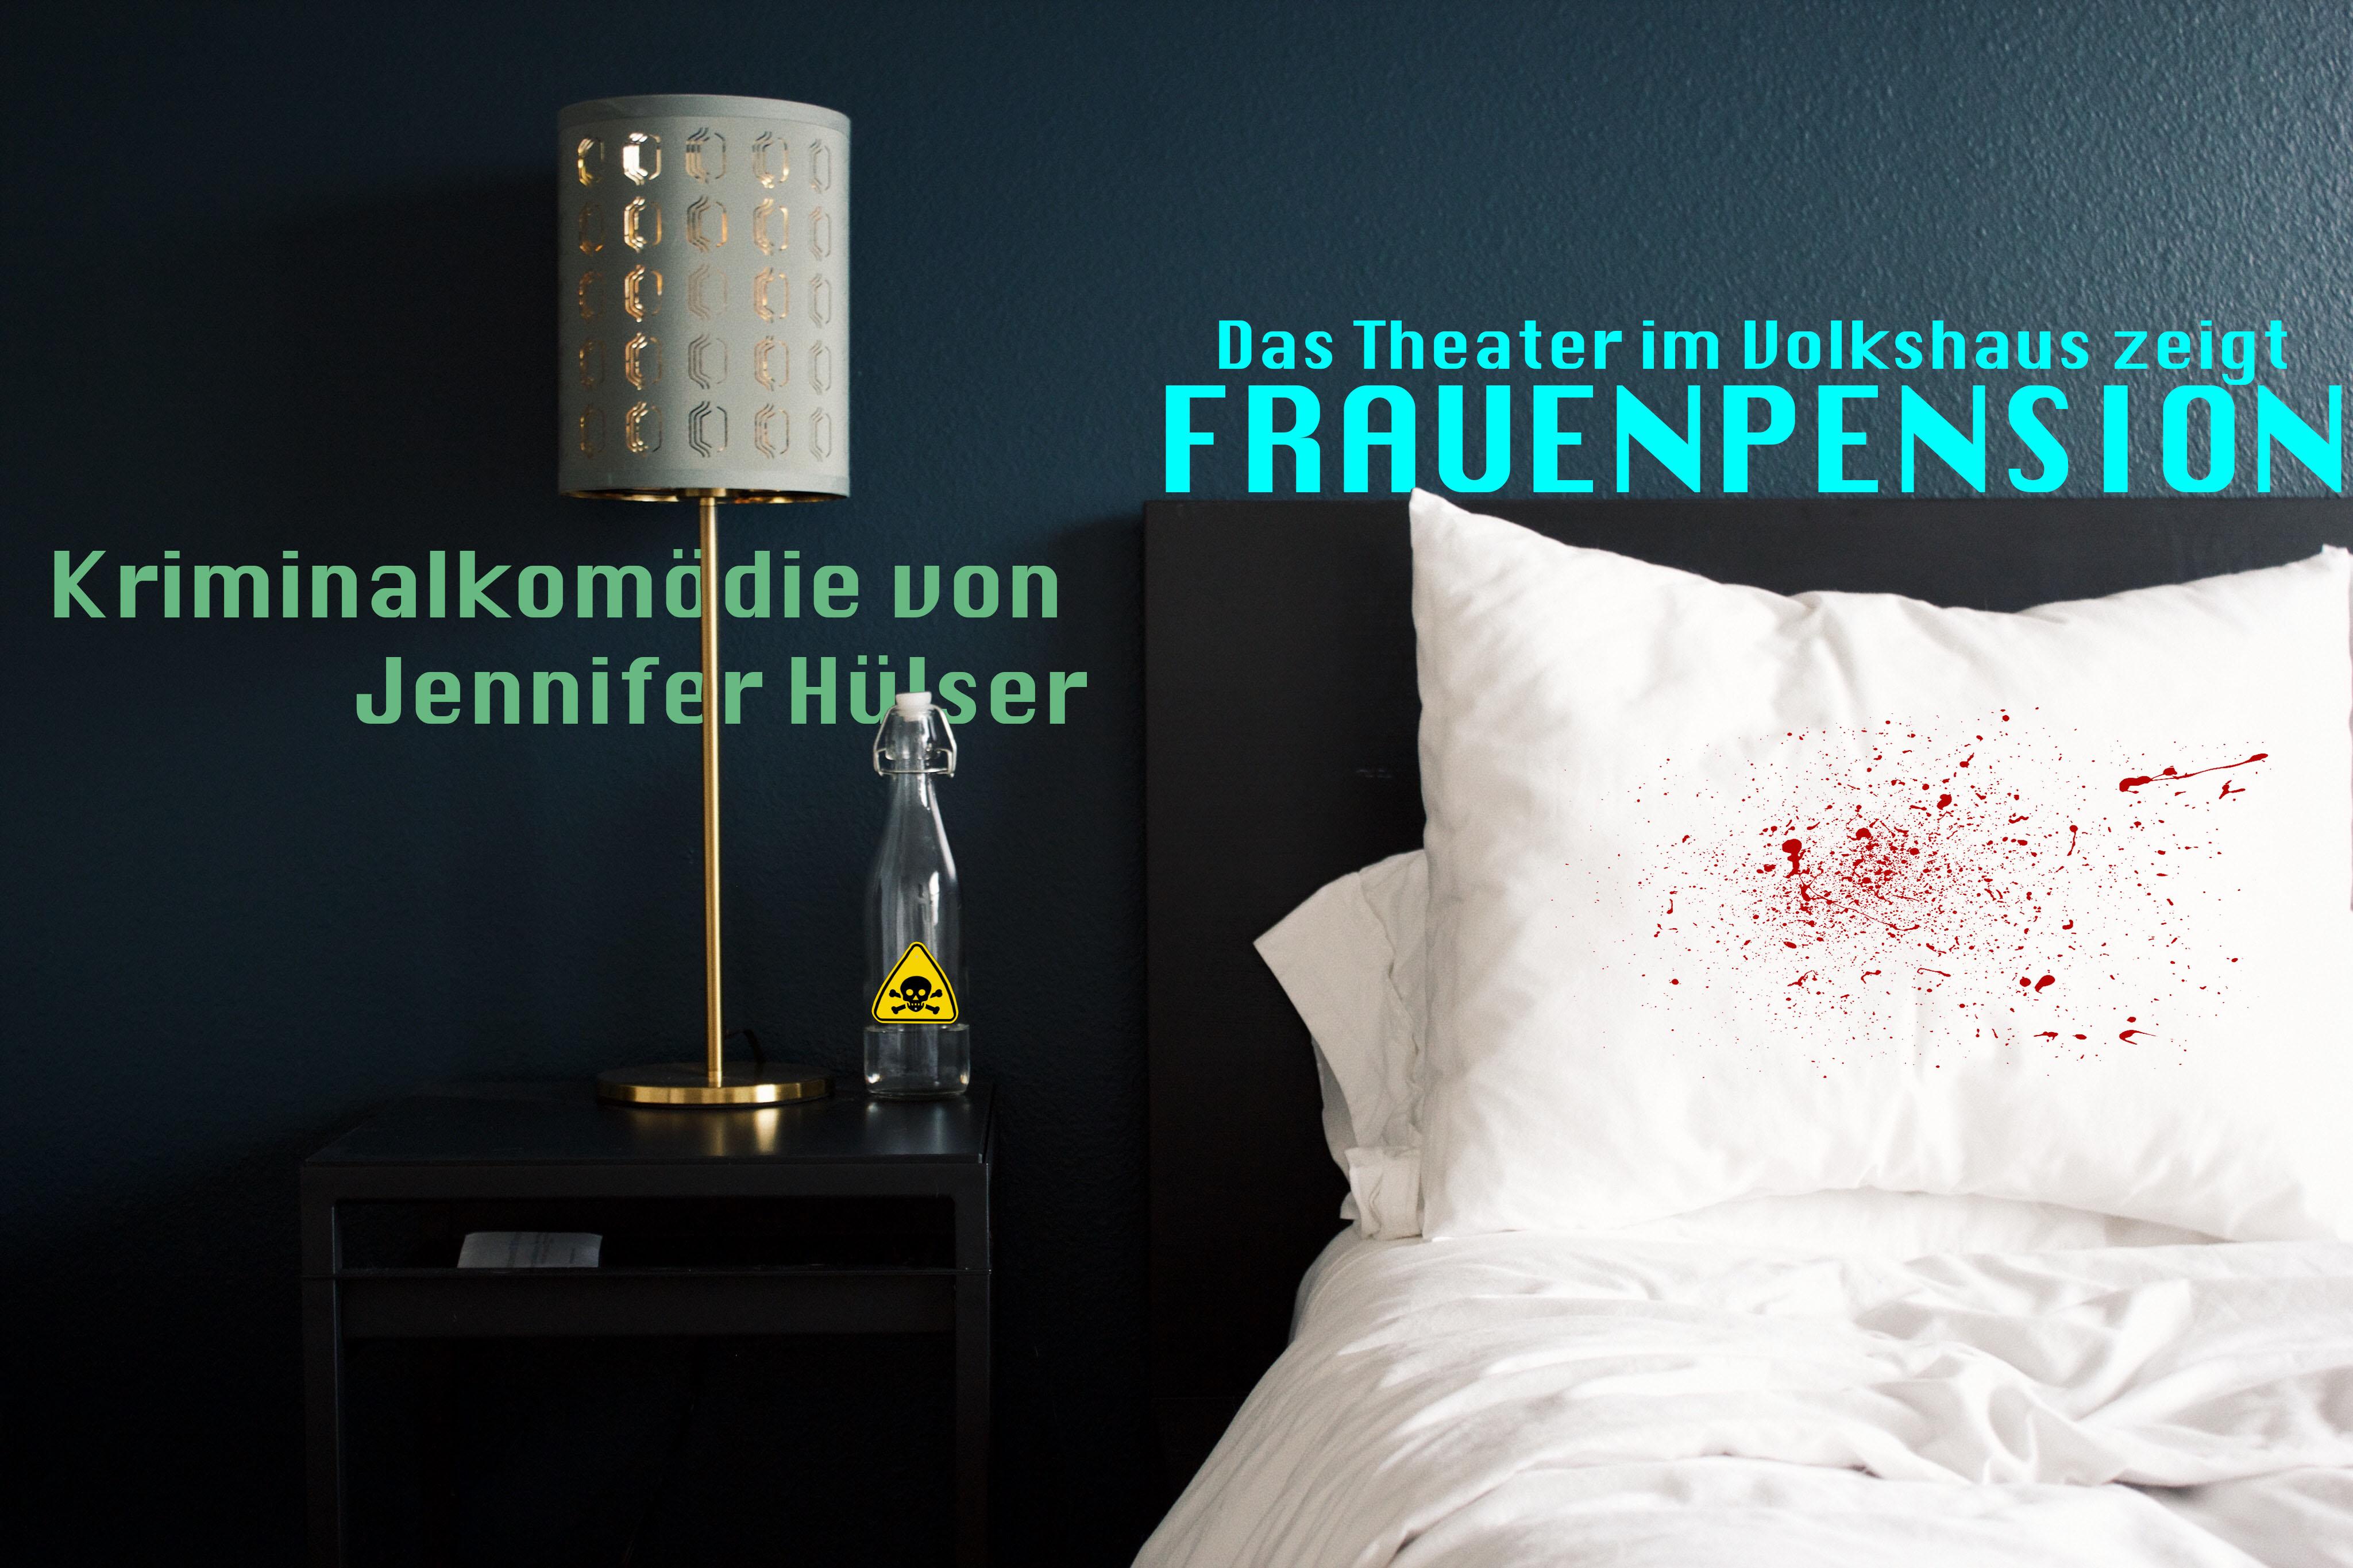 Bett mit Blutspritzern, daneben auf einem Nachttisch eine Flasche Gift